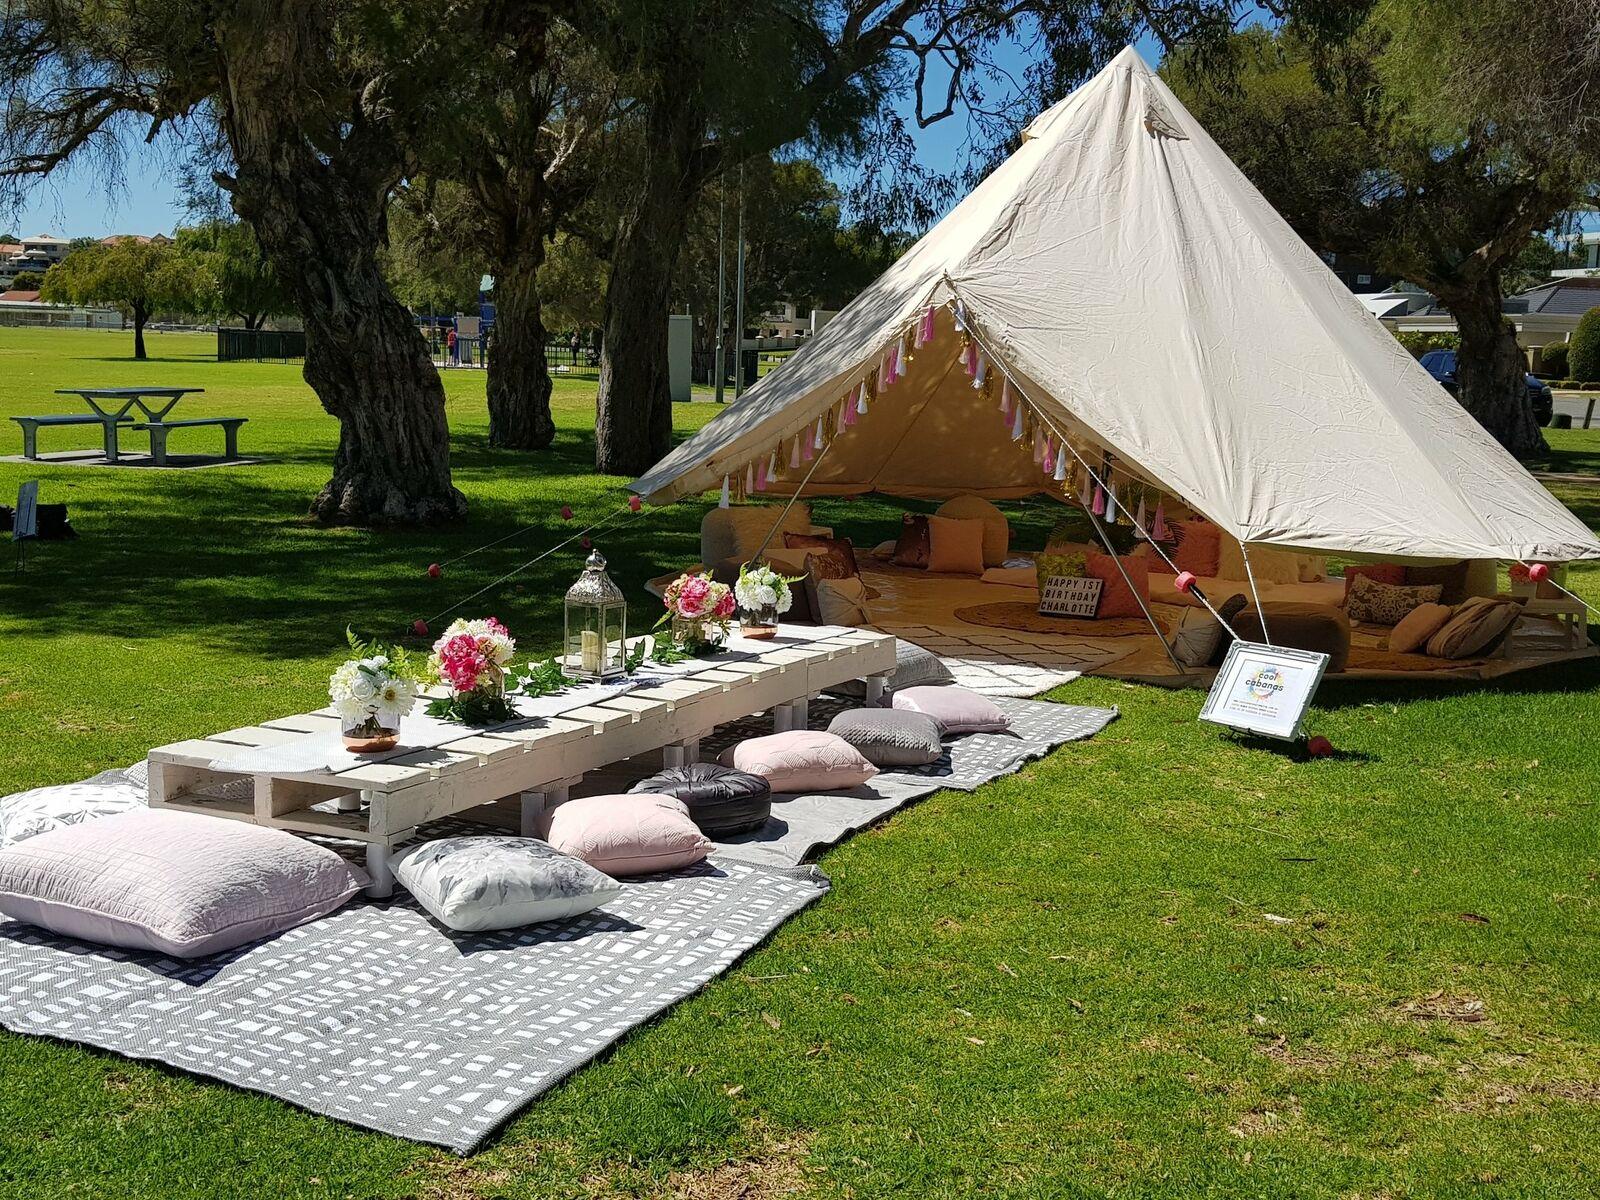 3m4m5m6m7m casa campamento campamento campamento campamento campanario tienda impermeable búnker fiesta tienda mongol